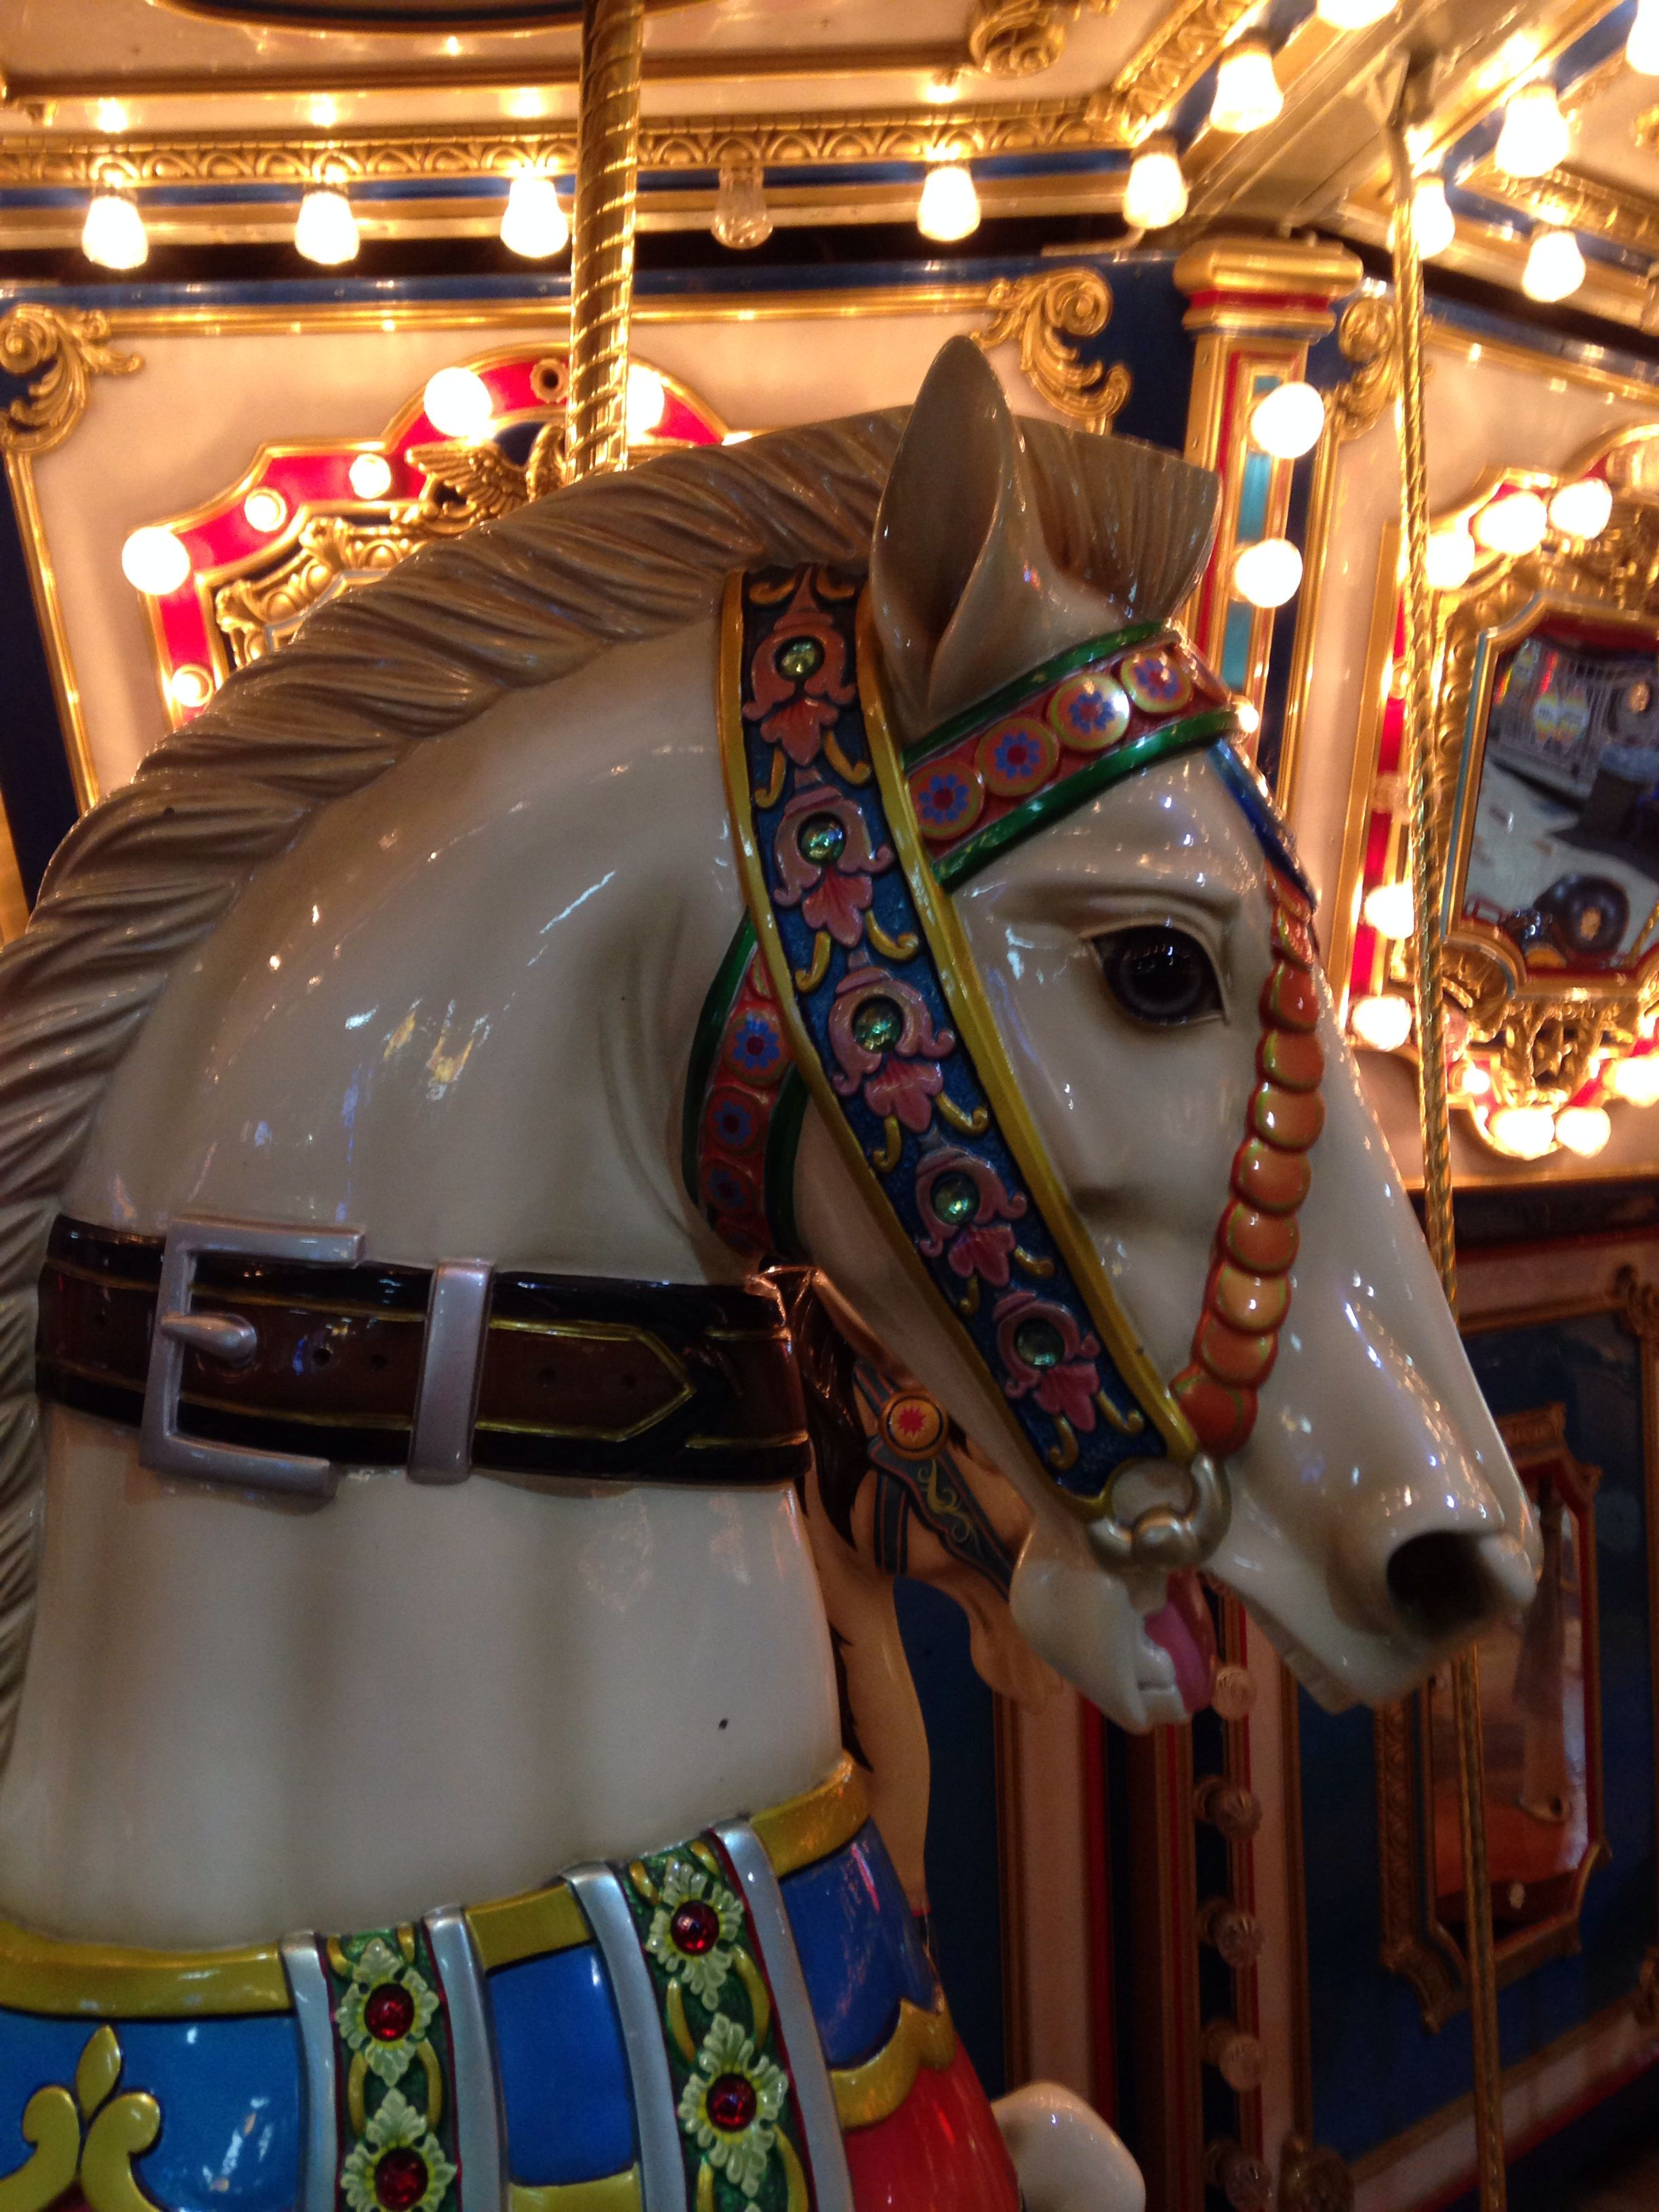 Carousel Head At Brunswick Zone Naperville Il Carousel Naperville Il Carousel Horses